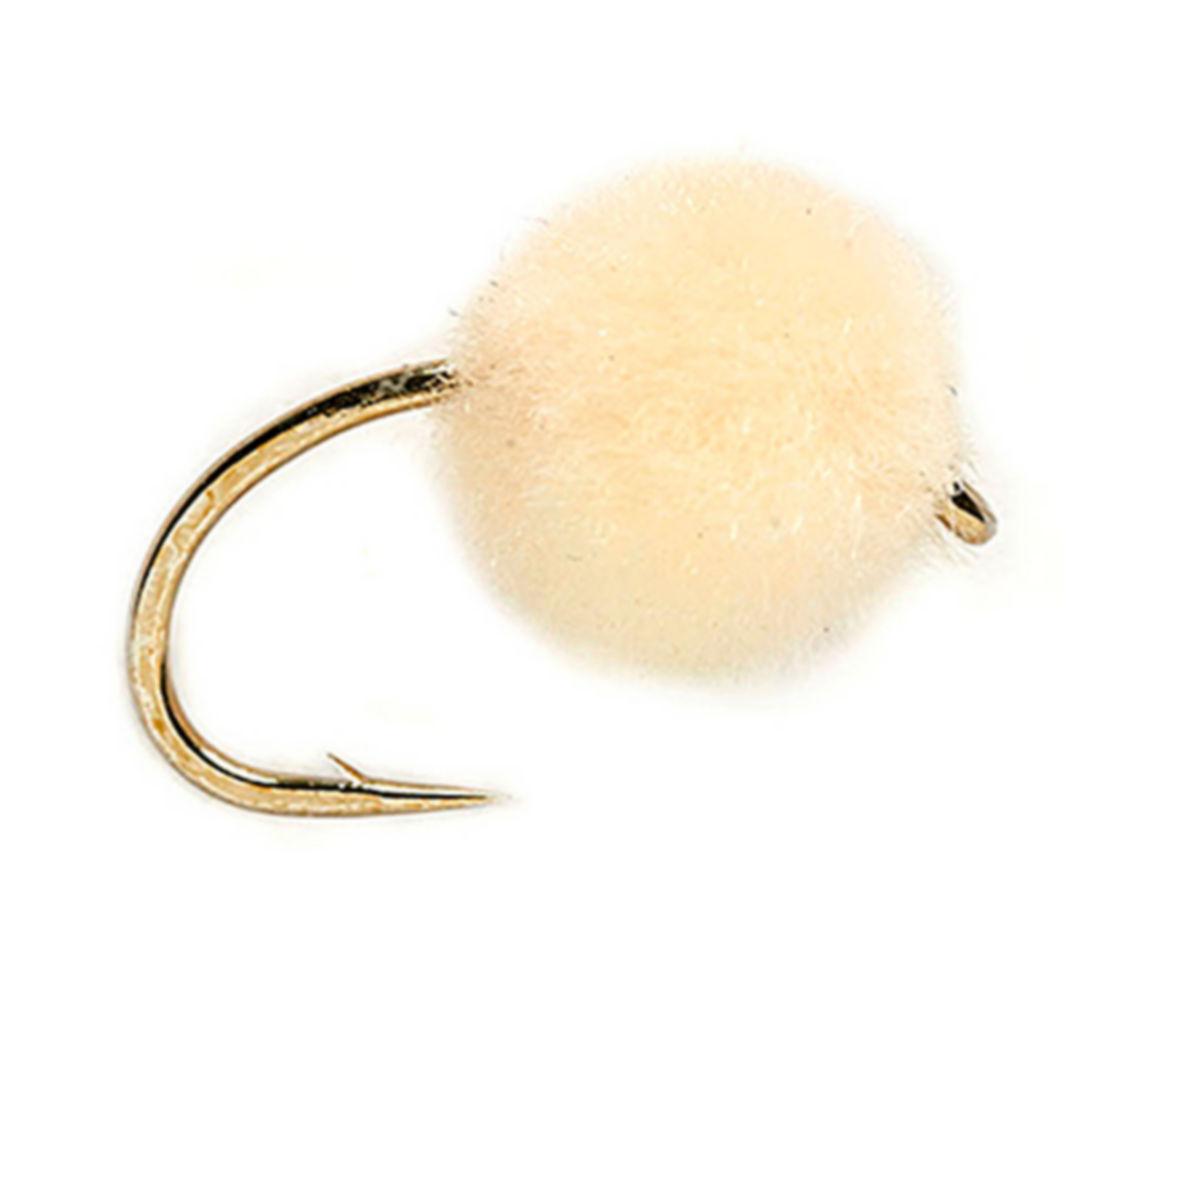 Egg Fly - image number 0